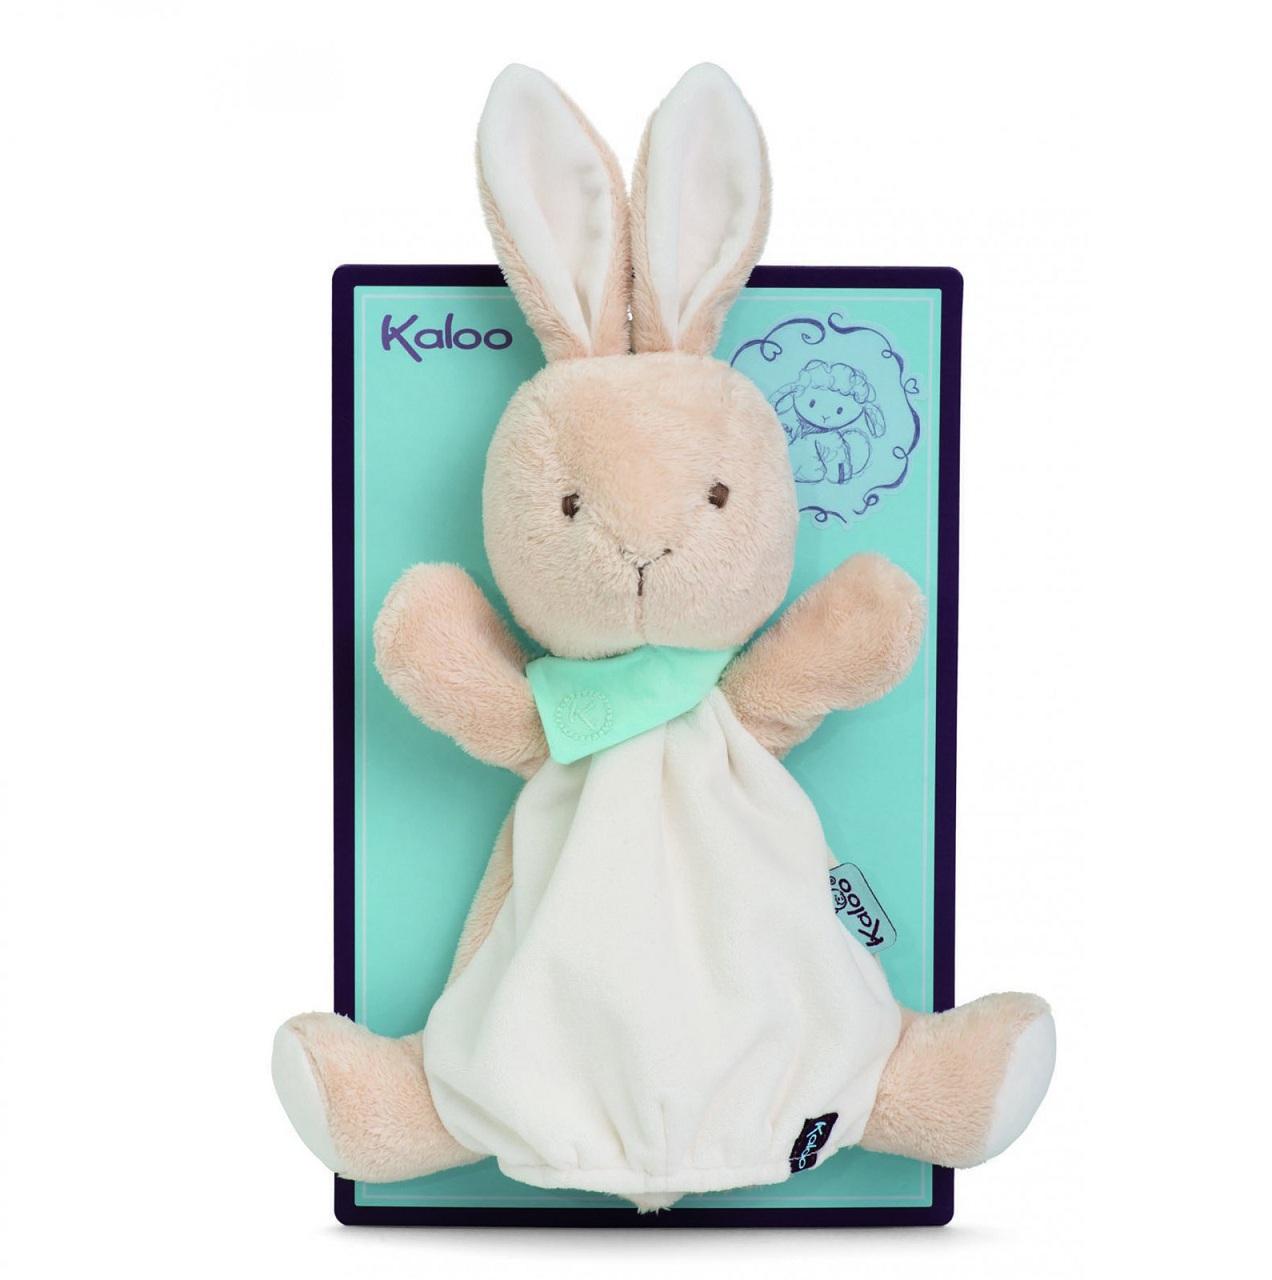 Мягкая игрушка из серии Друзья - Заяц комфортер, кукла на руку 30 смЗайцы и кролики<br>Мягкая игрушка из серии Друзья - Заяц комфортер, кукла на руку 30 см<br>